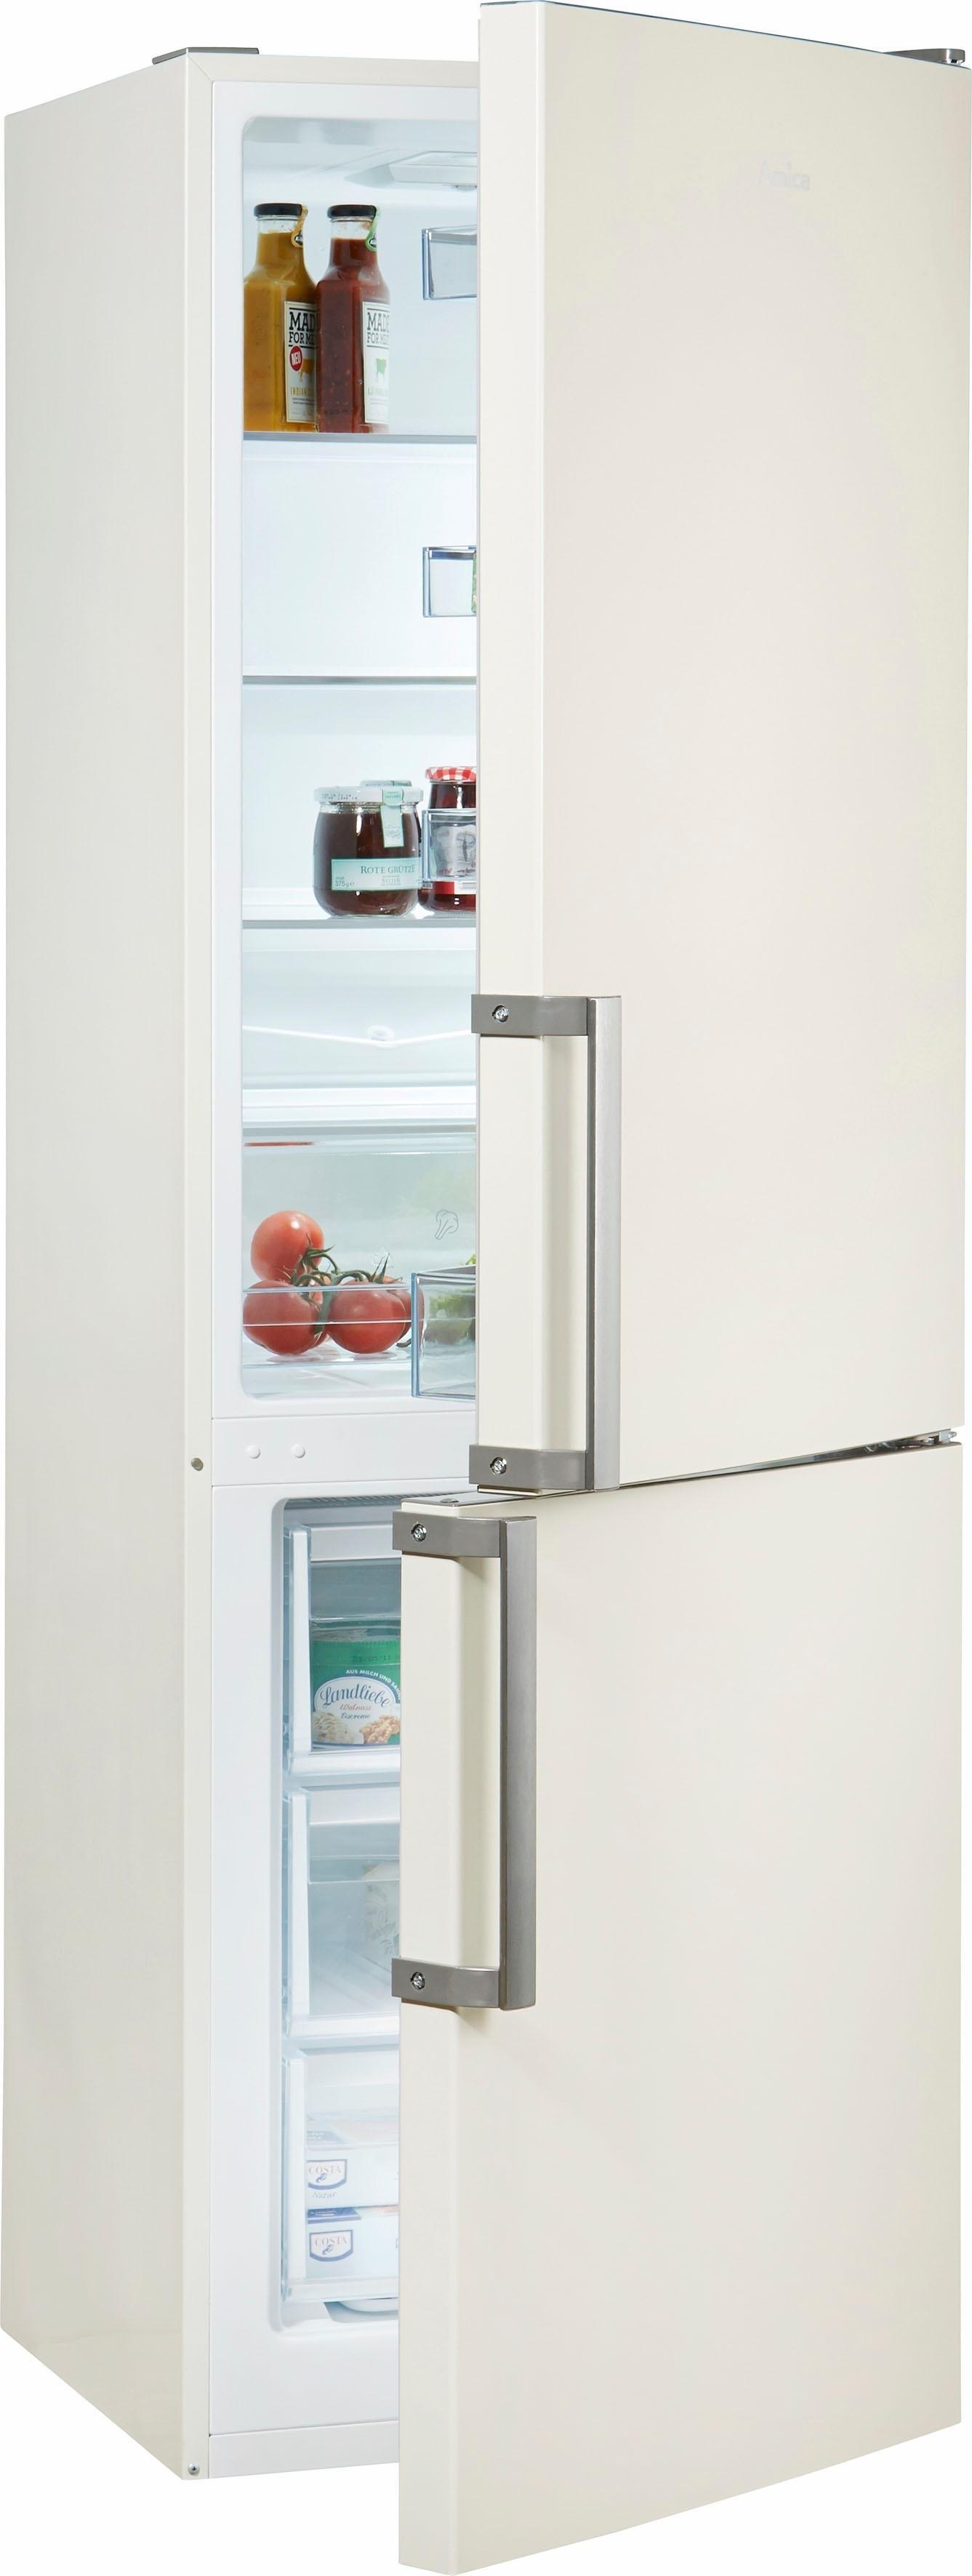 Amica koel-vriescombinatie, 185,5 cm hoog, 59,5 cm breed voordelig en veilig online kopen